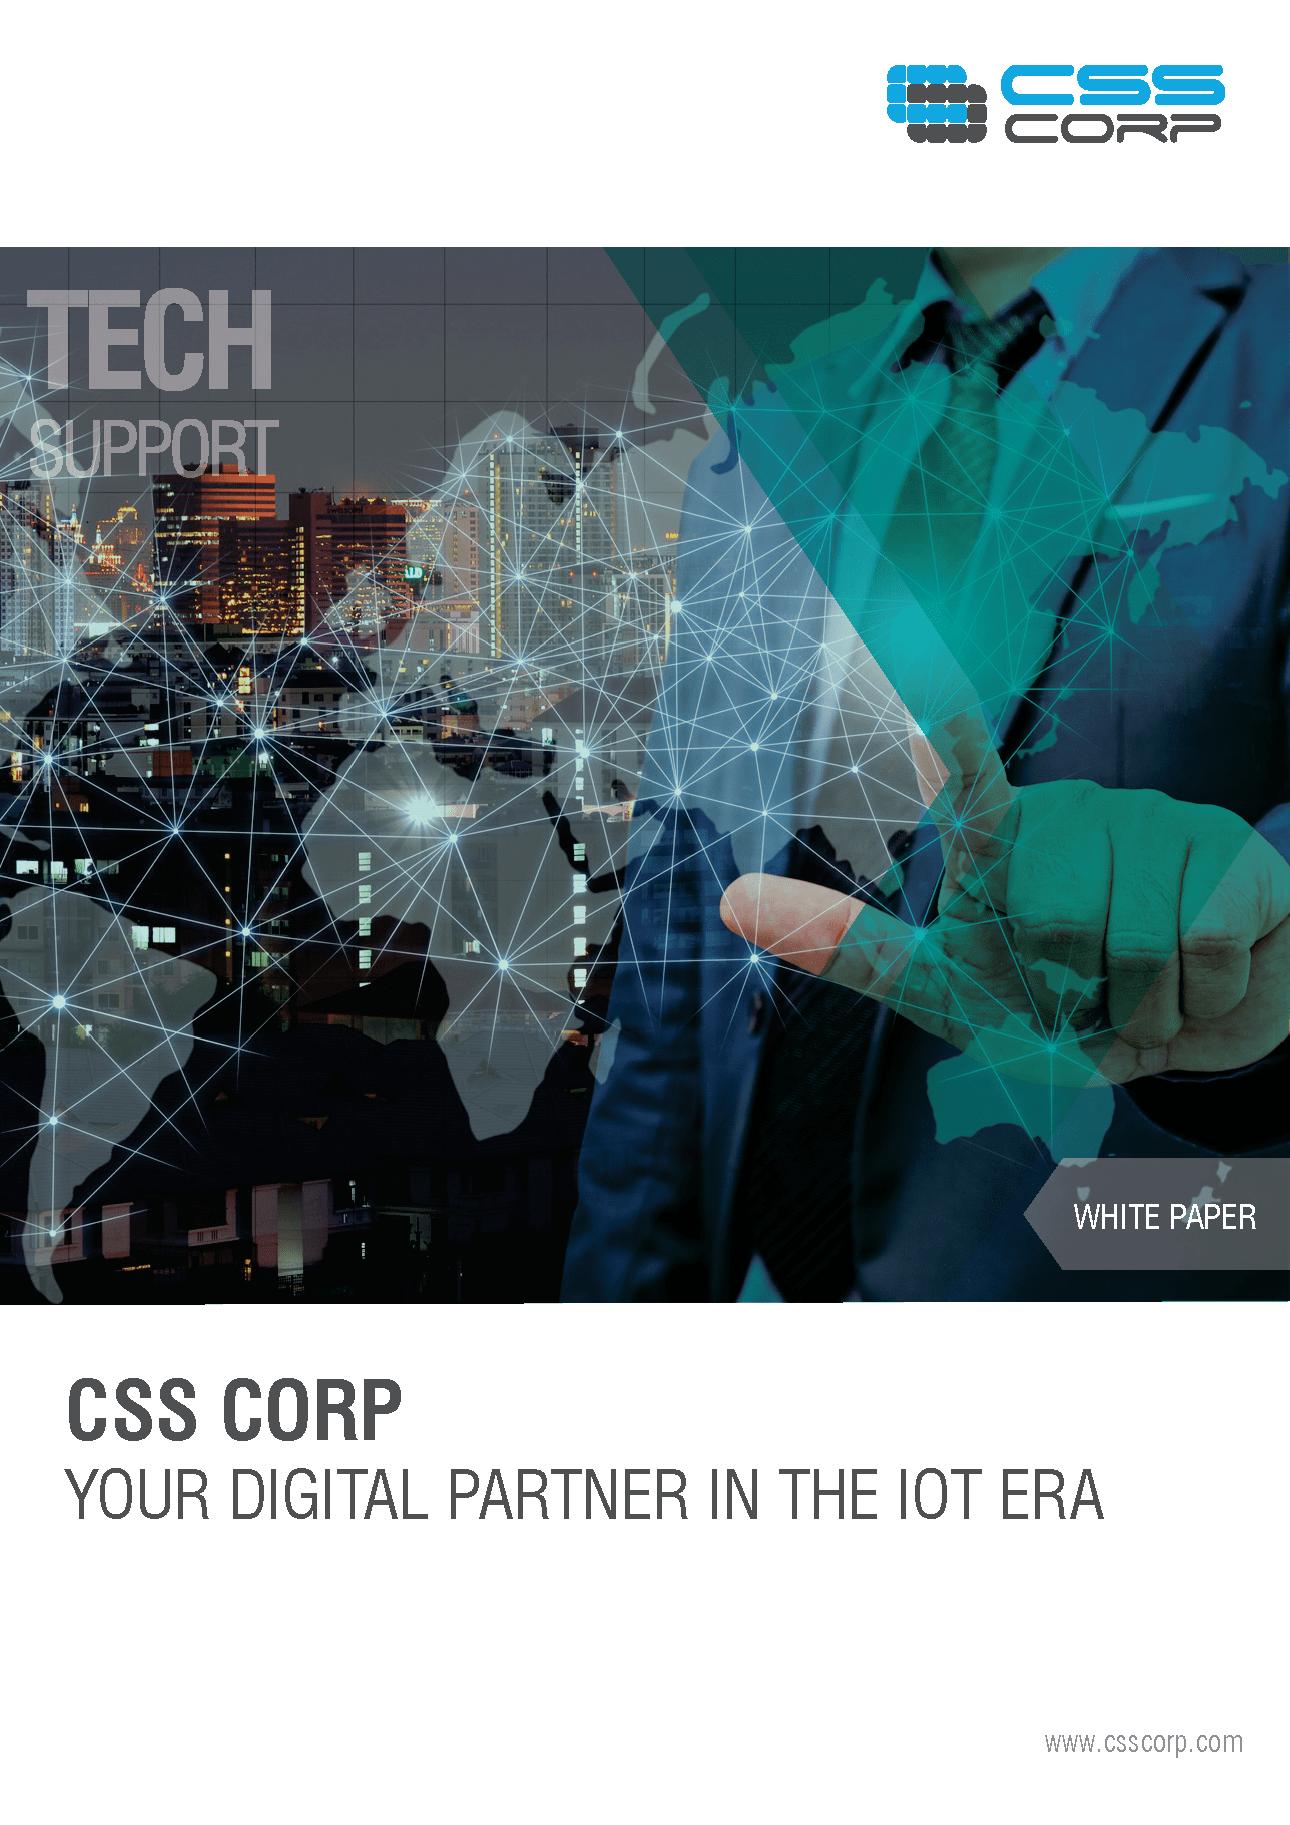 Your Digital Partner in the IOT era